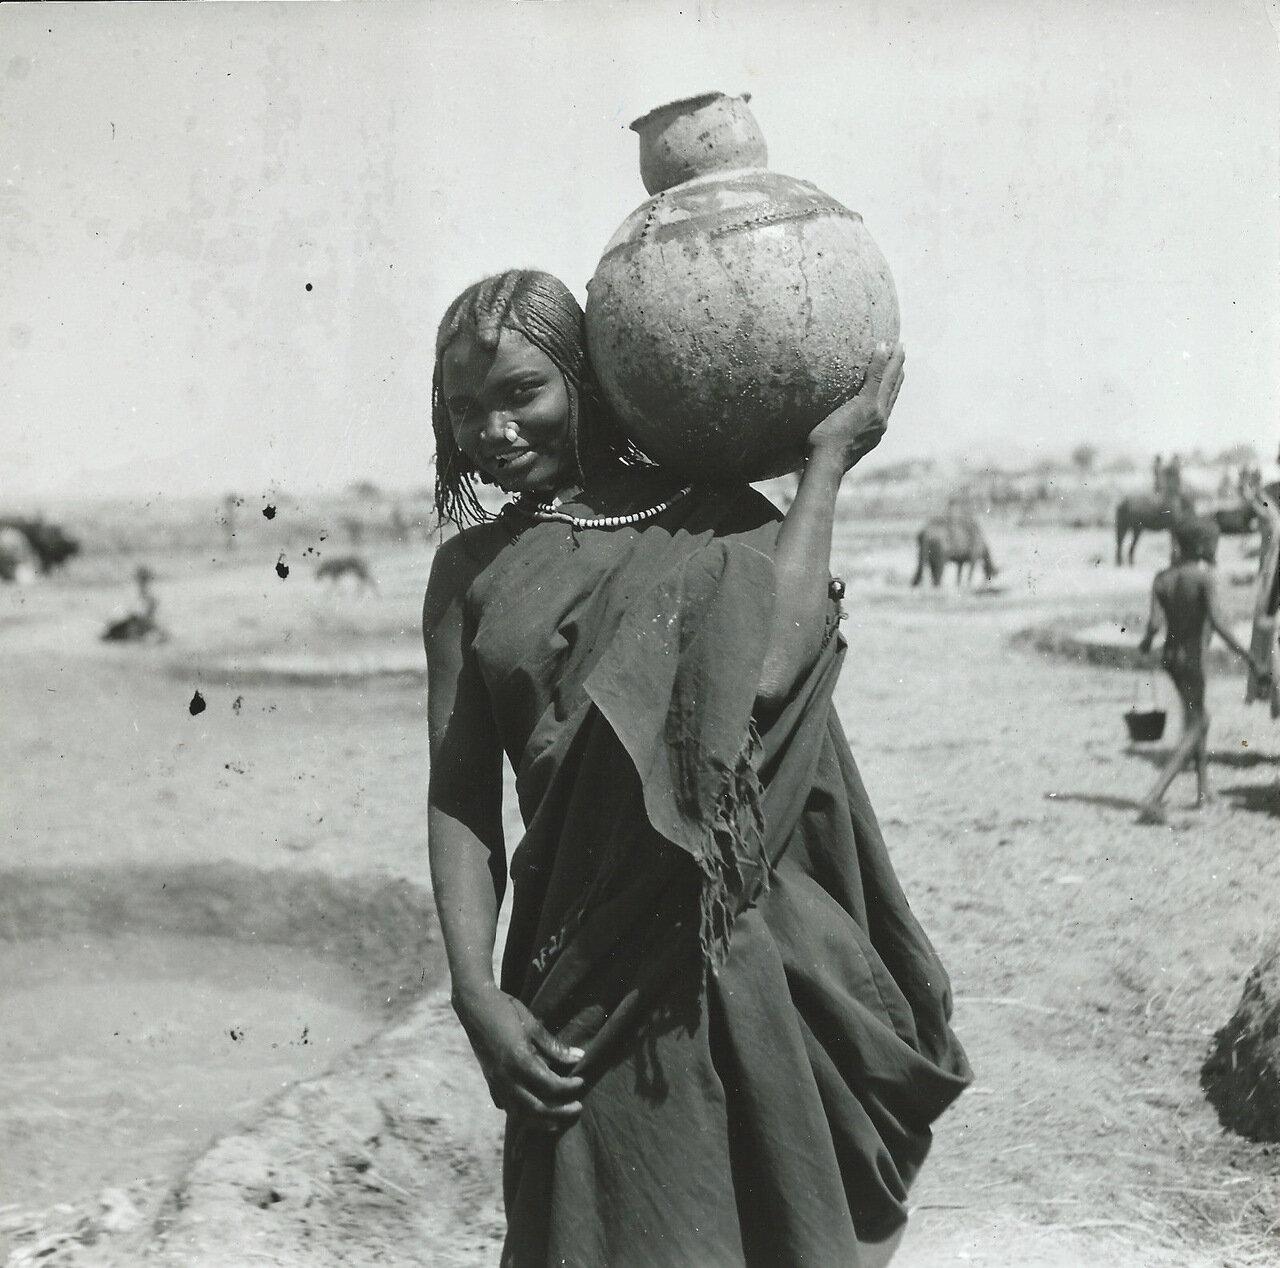 Республика Чад, Женщина с кувшином